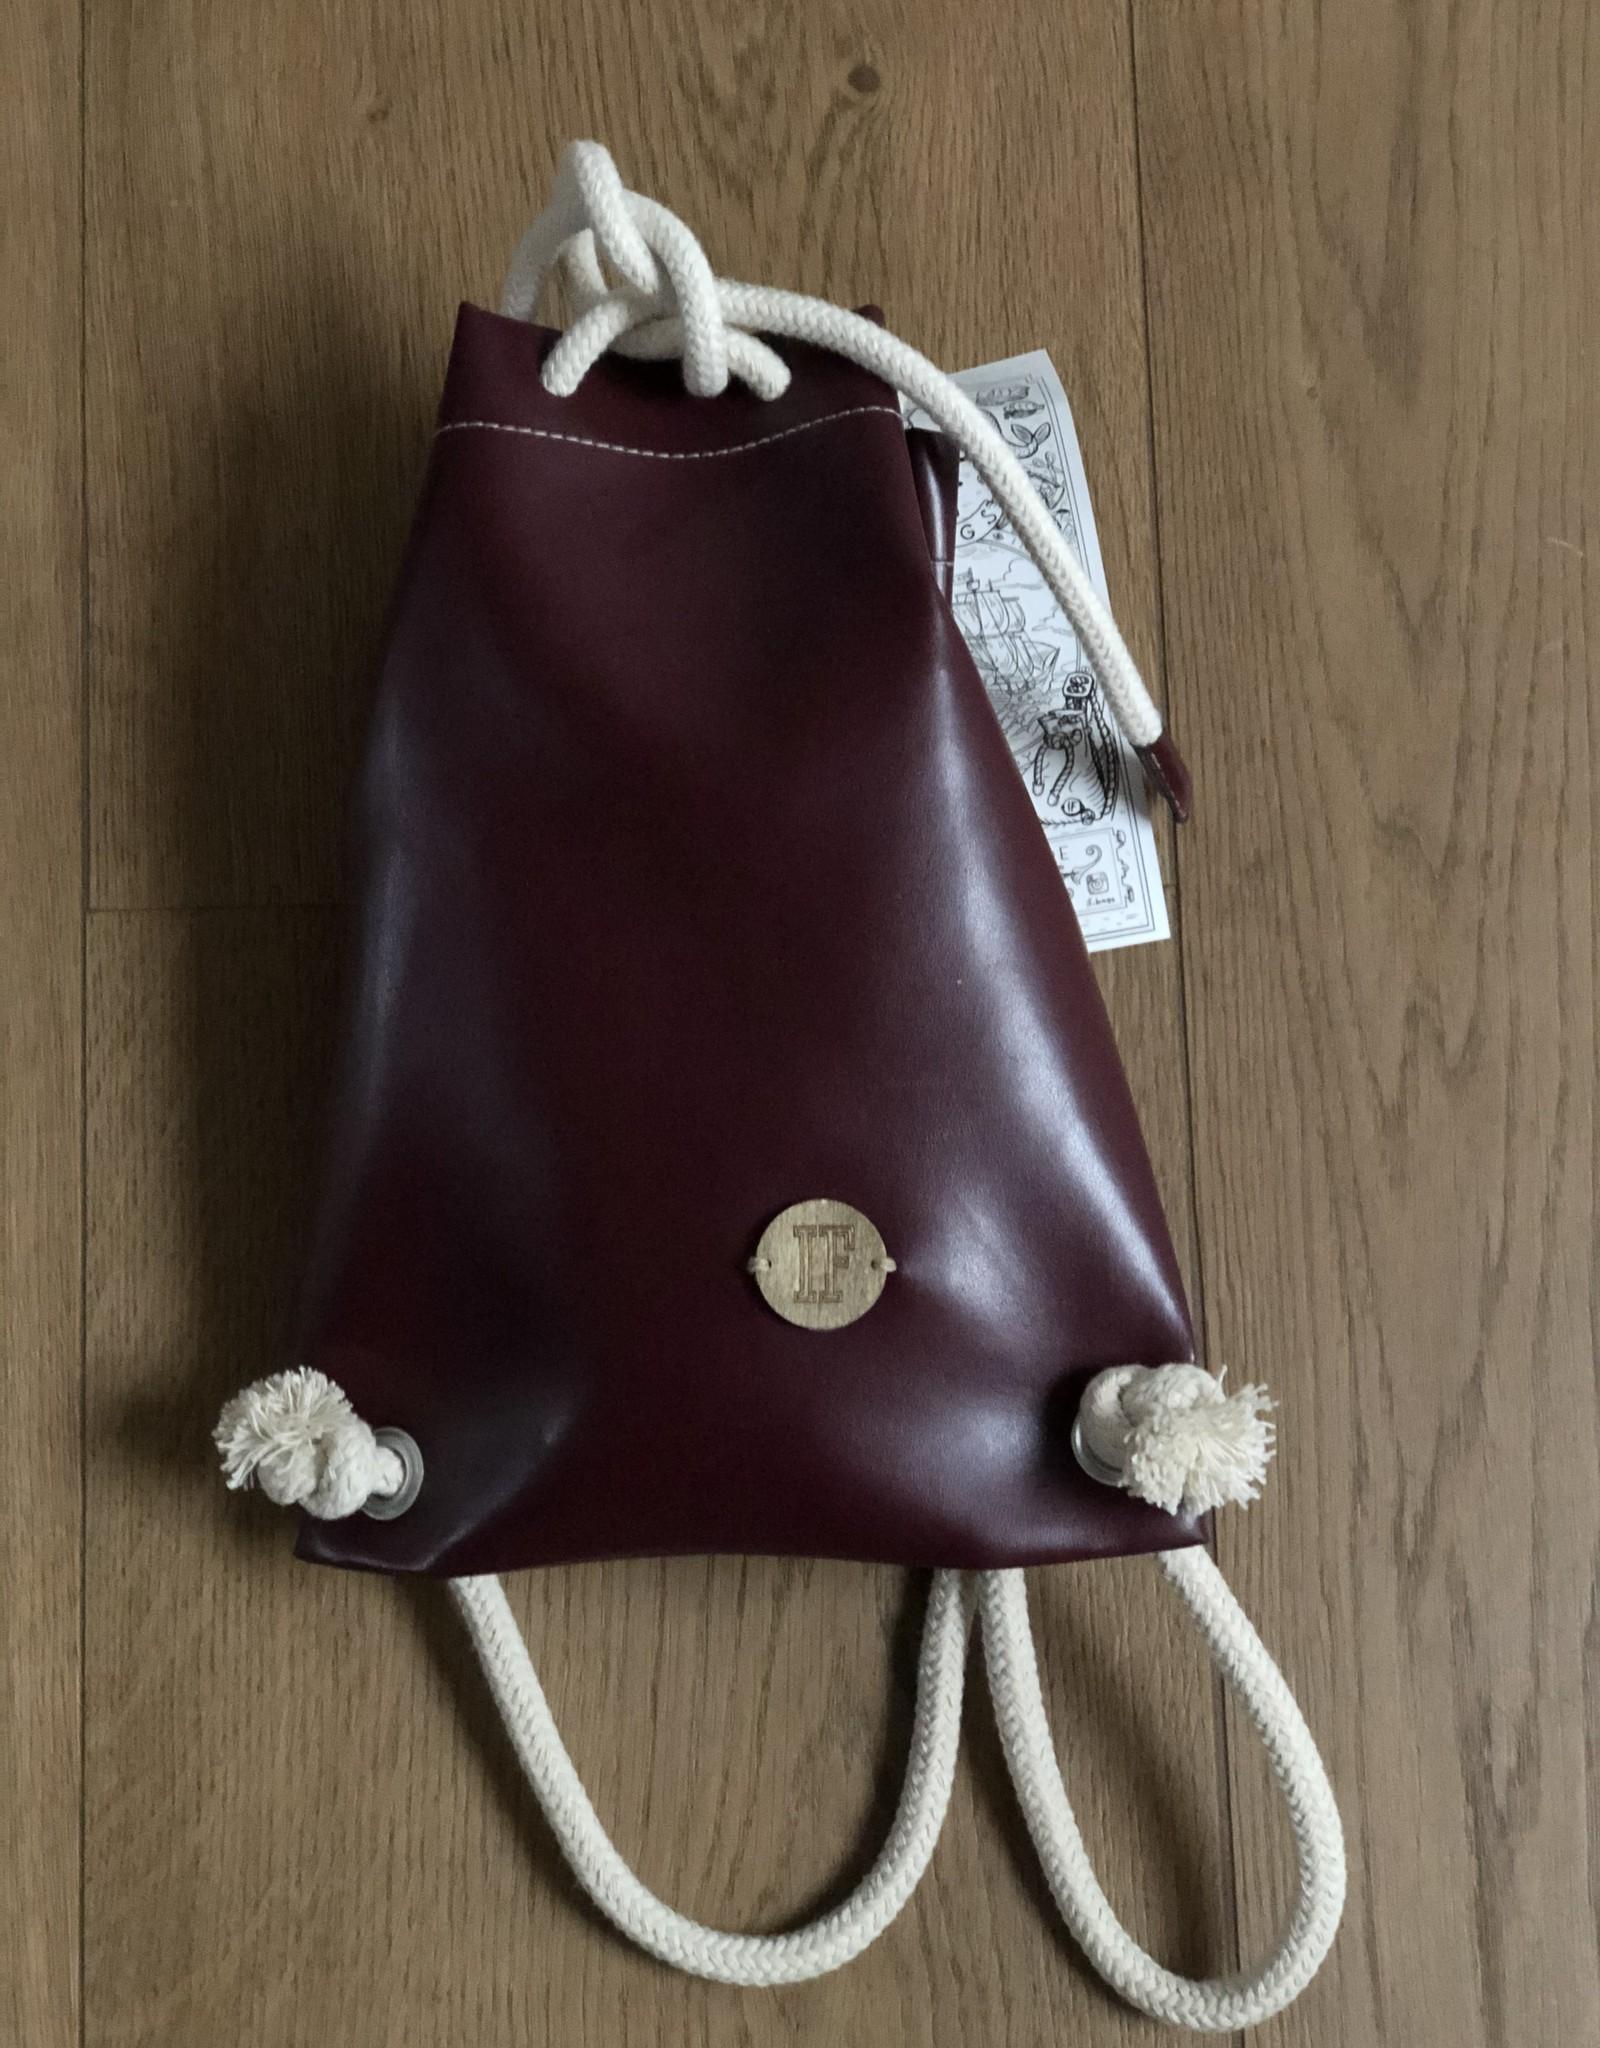 Ifbags mini bag